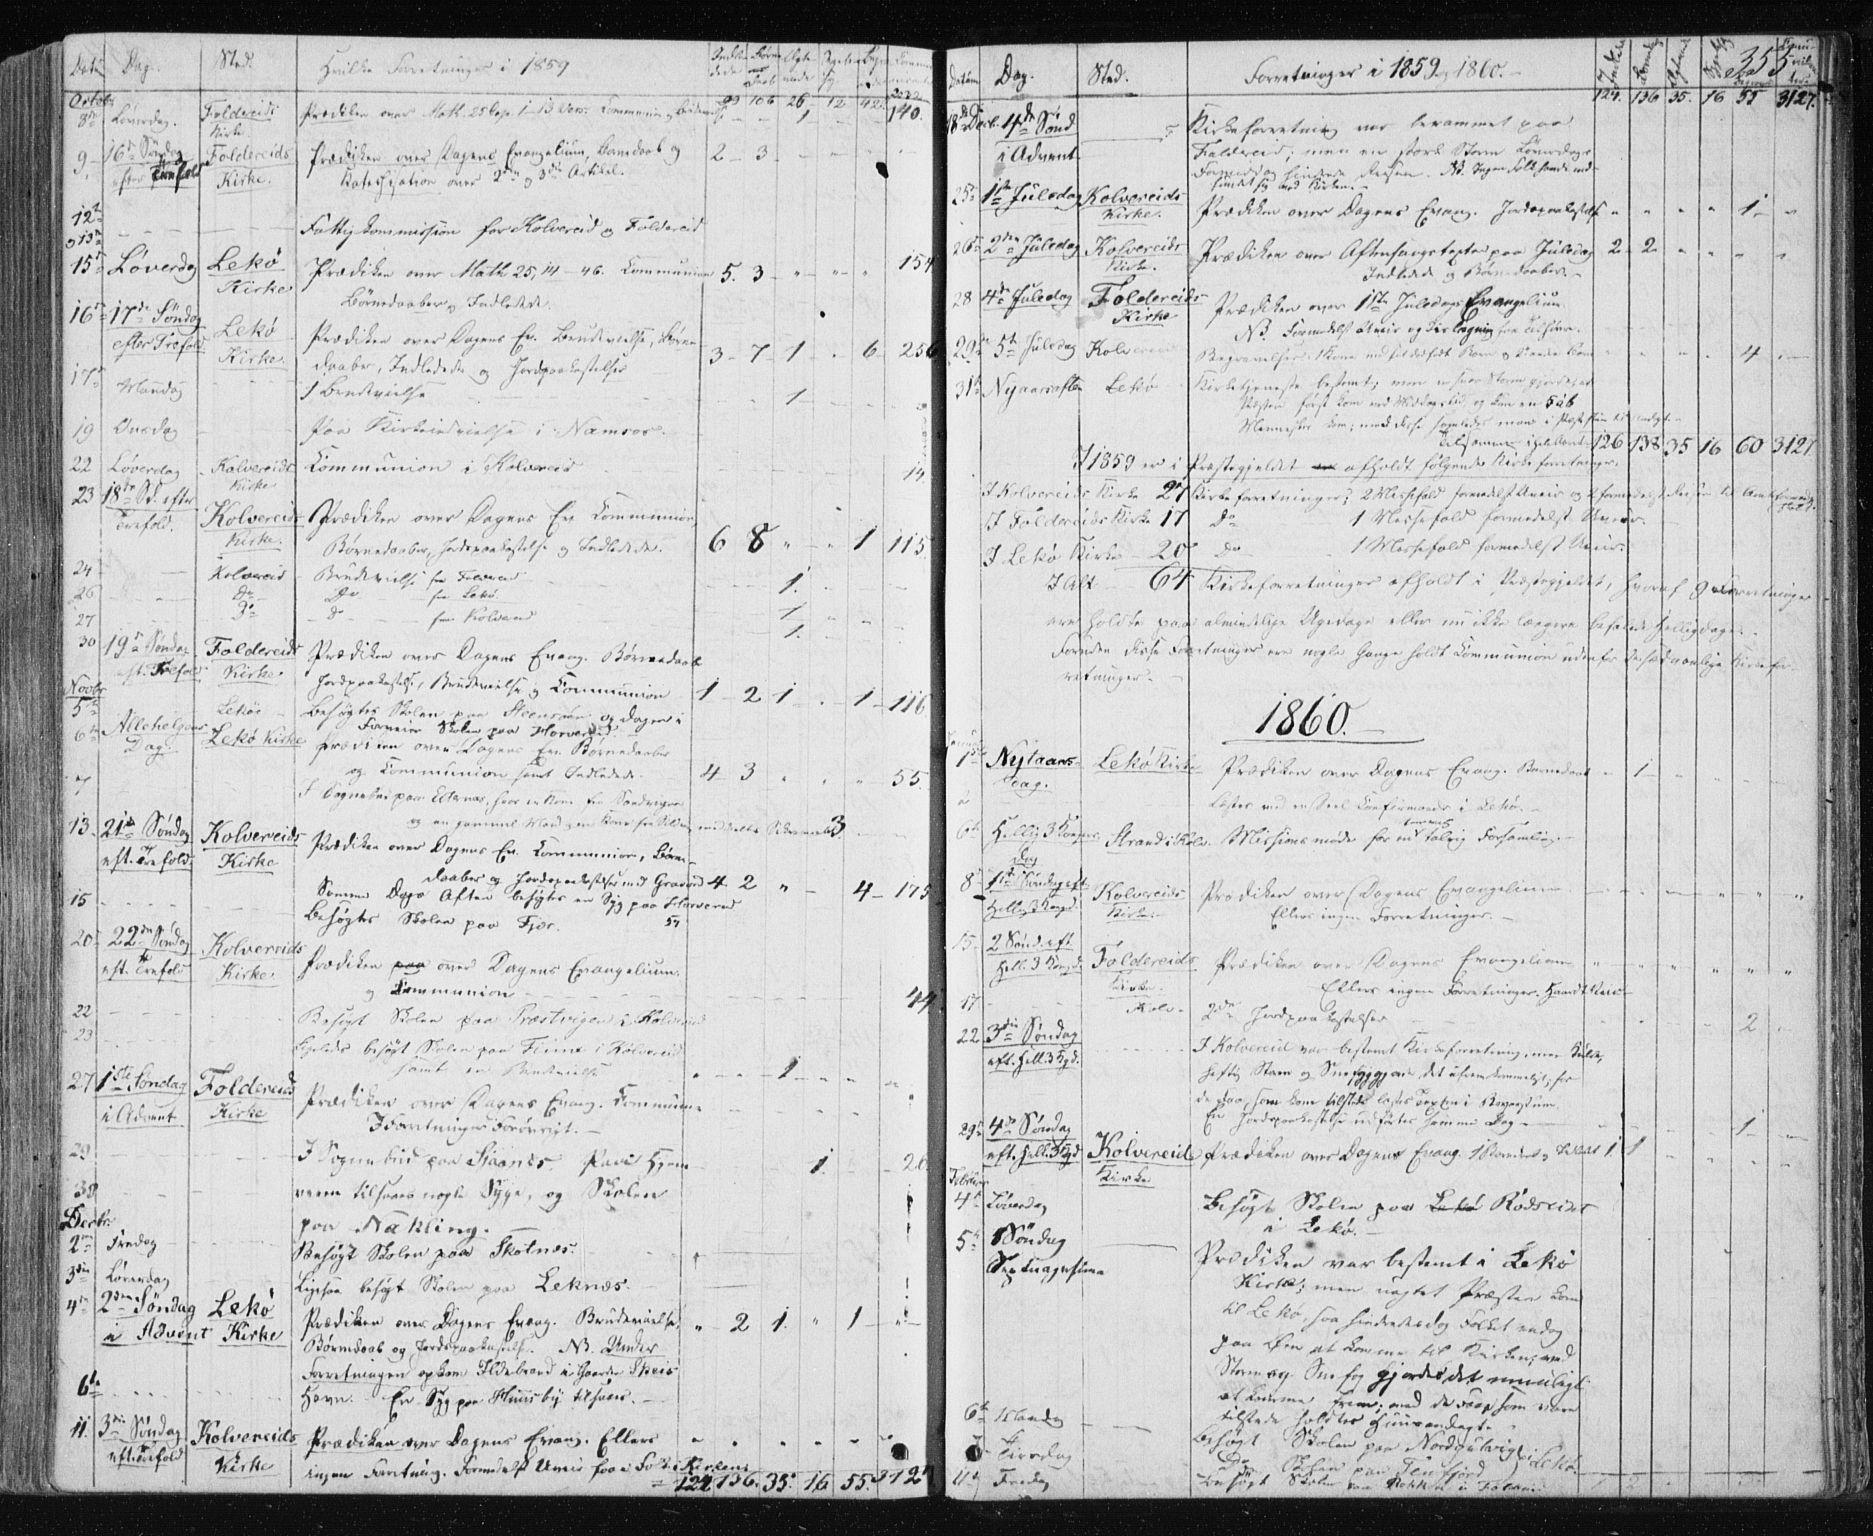 SAT, Ministerialprotokoller, klokkerbøker og fødselsregistre - Nord-Trøndelag, 780/L0641: Ministerialbok nr. 780A06, 1857-1874, s. 355